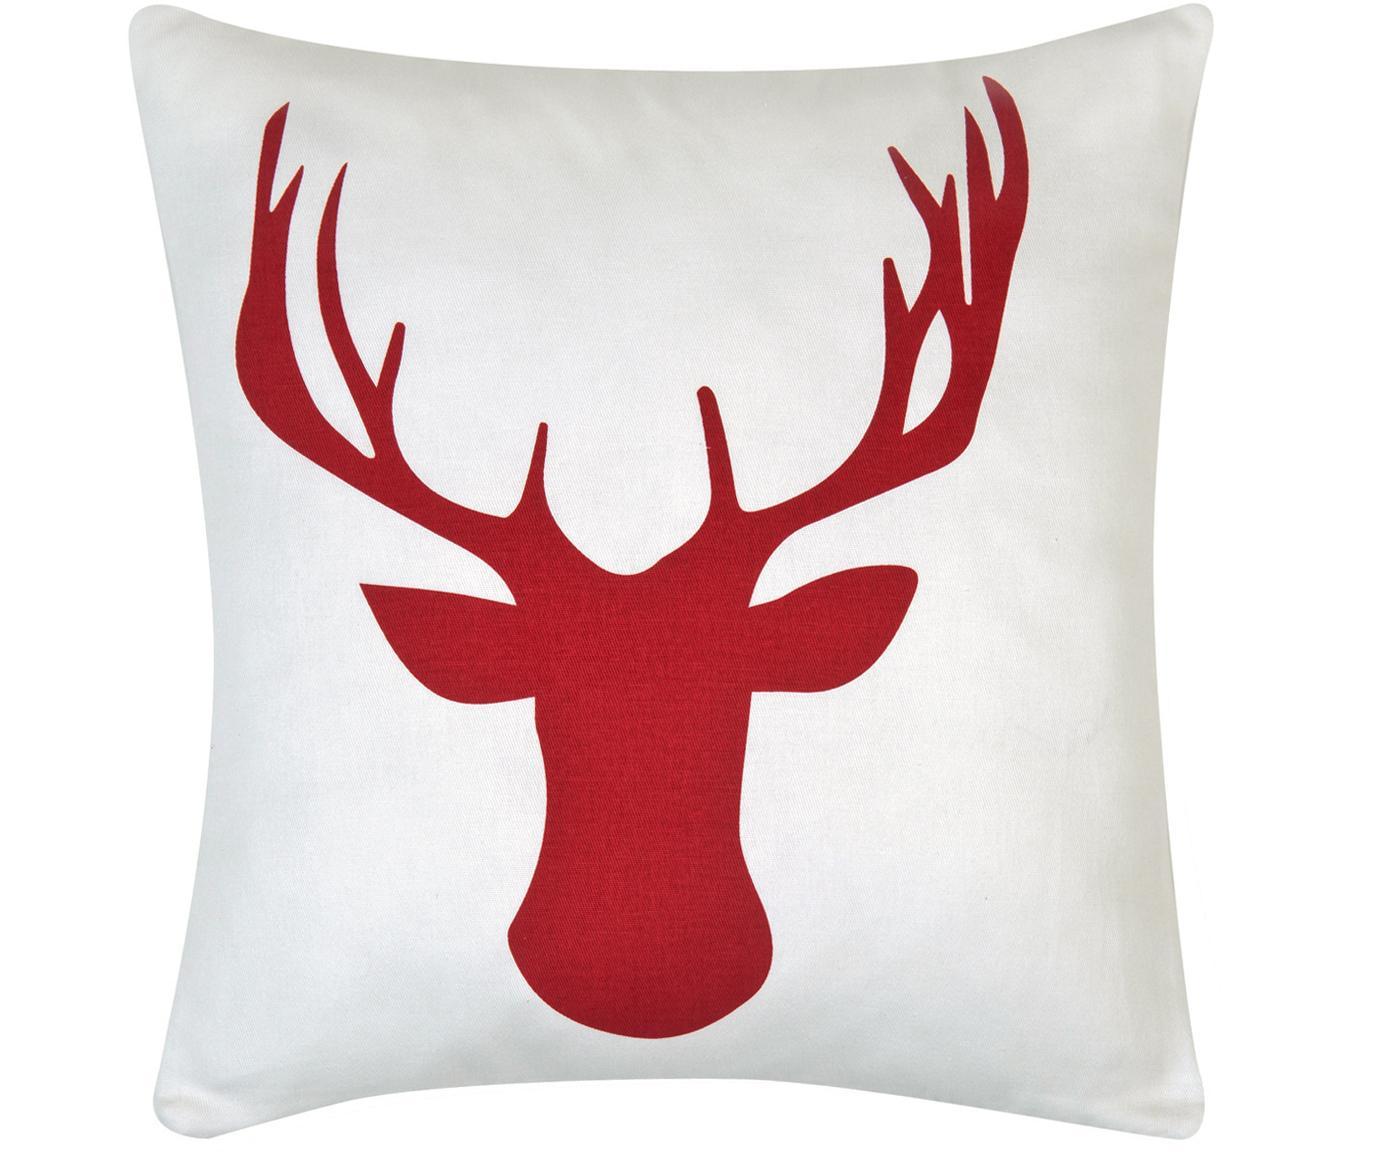 Poszewka na poduszkę Deer, 100% bawełna, splot panama, Ciemny czerwony, beżowy, S 40 x D 40 cm